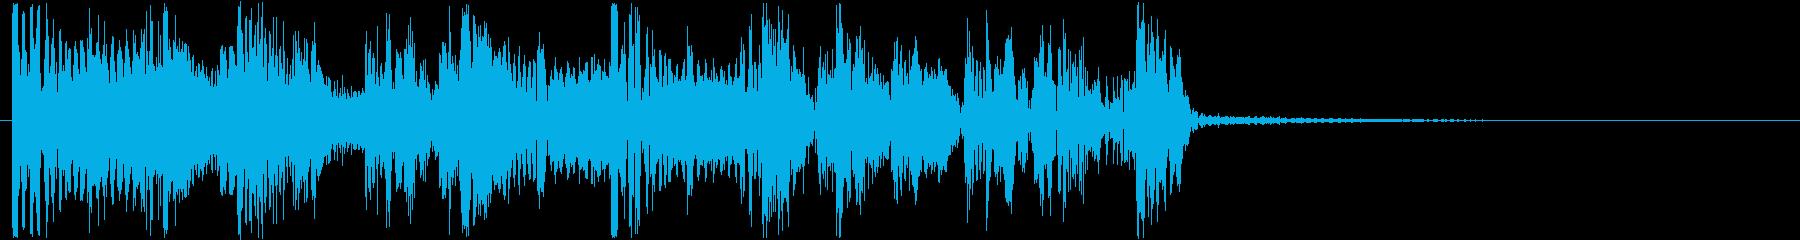 サイバーなイメージのHIPHOPジングルの再生済みの波形